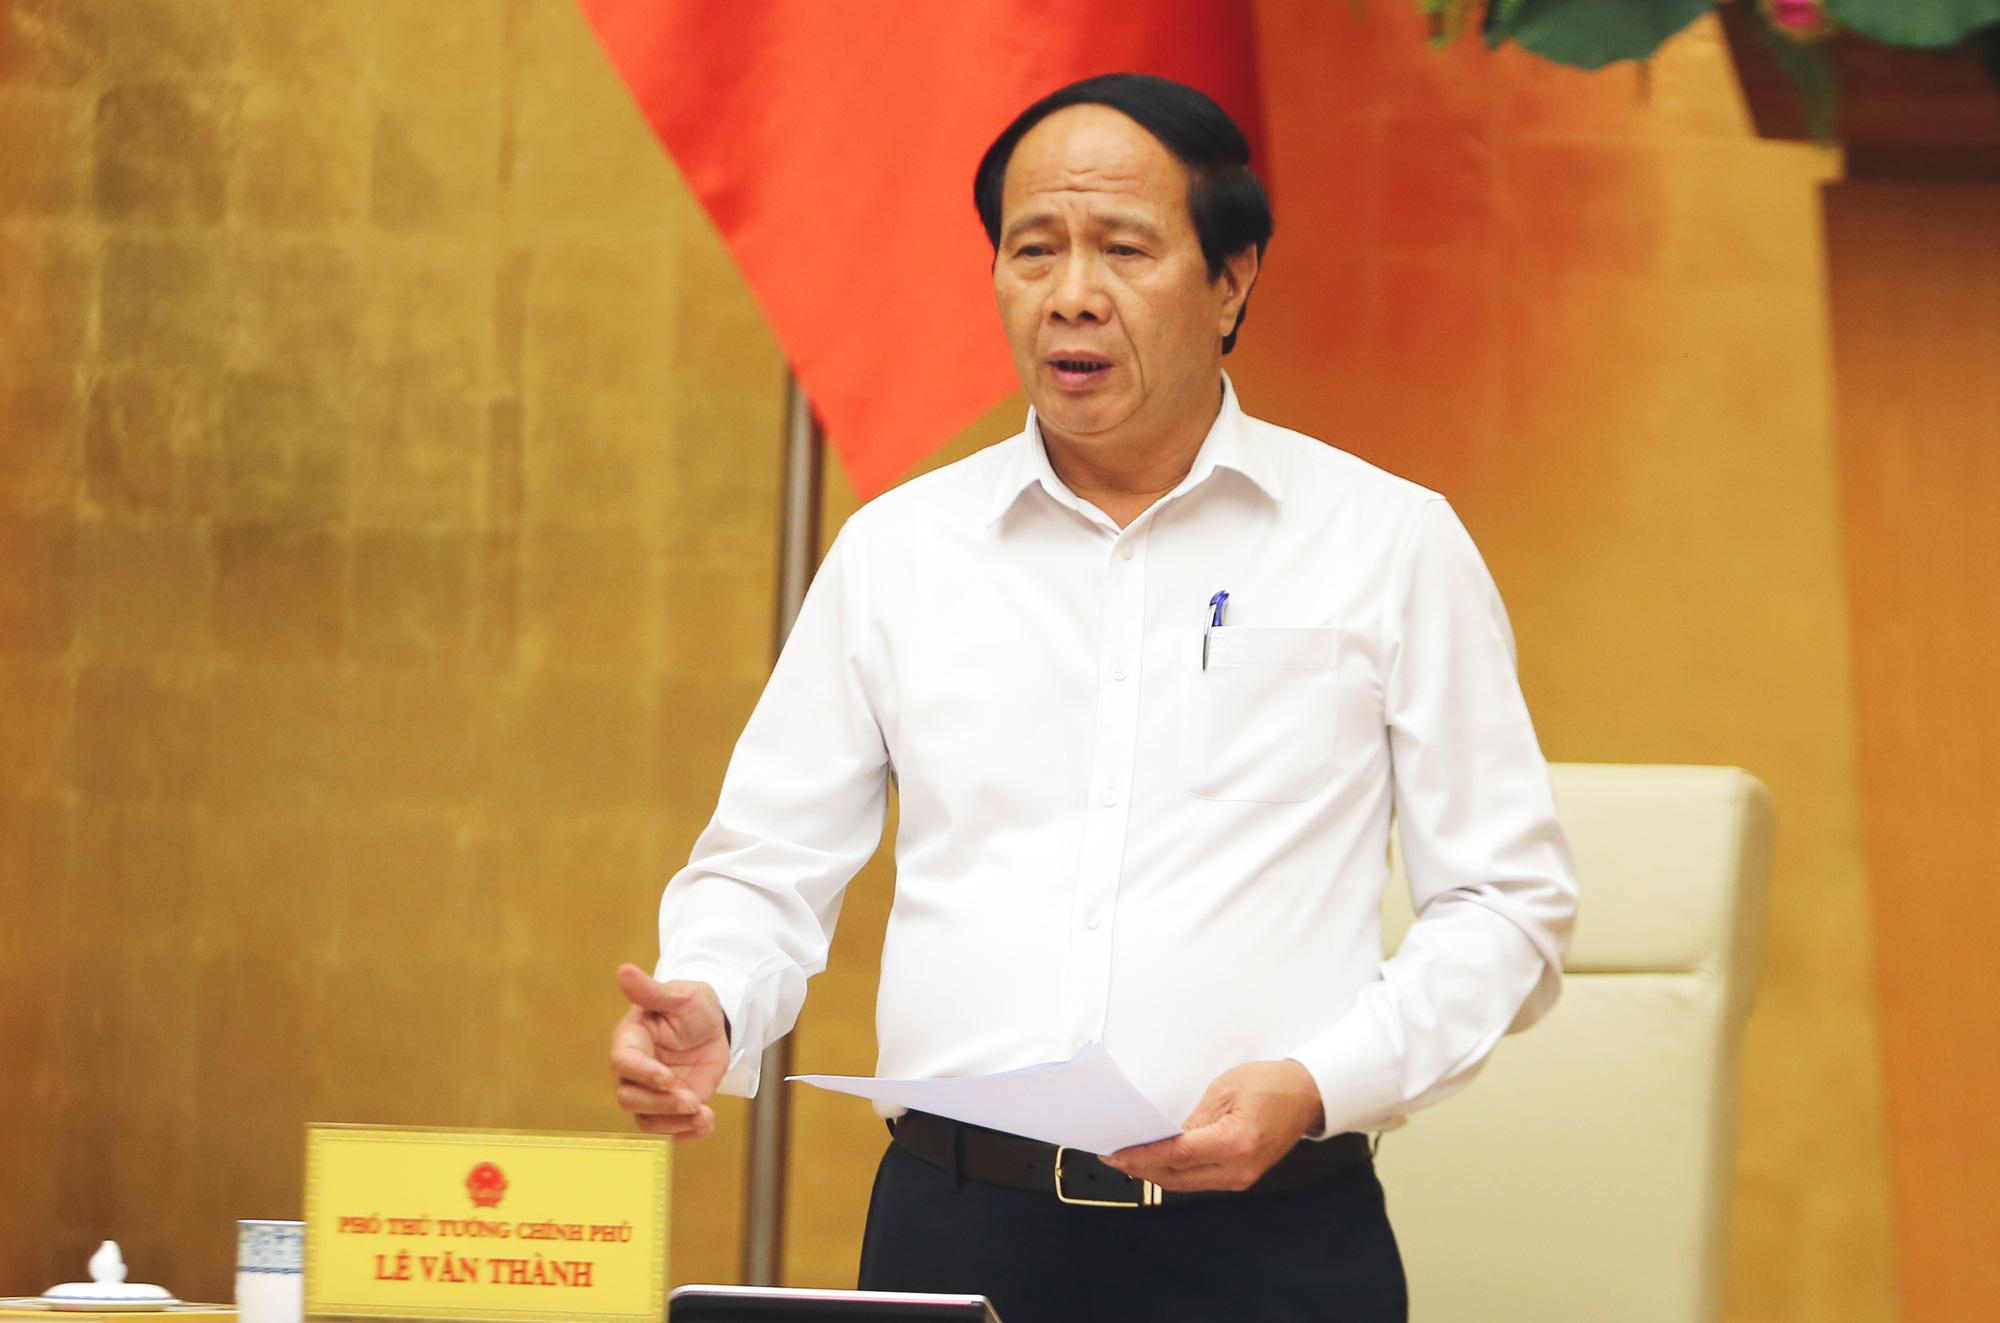 Phó Thủ tướng Lê Văn Thành: Không phải cứ có ca F0 là đóng cửa toàn bộ nhà máy - Ảnh 1.